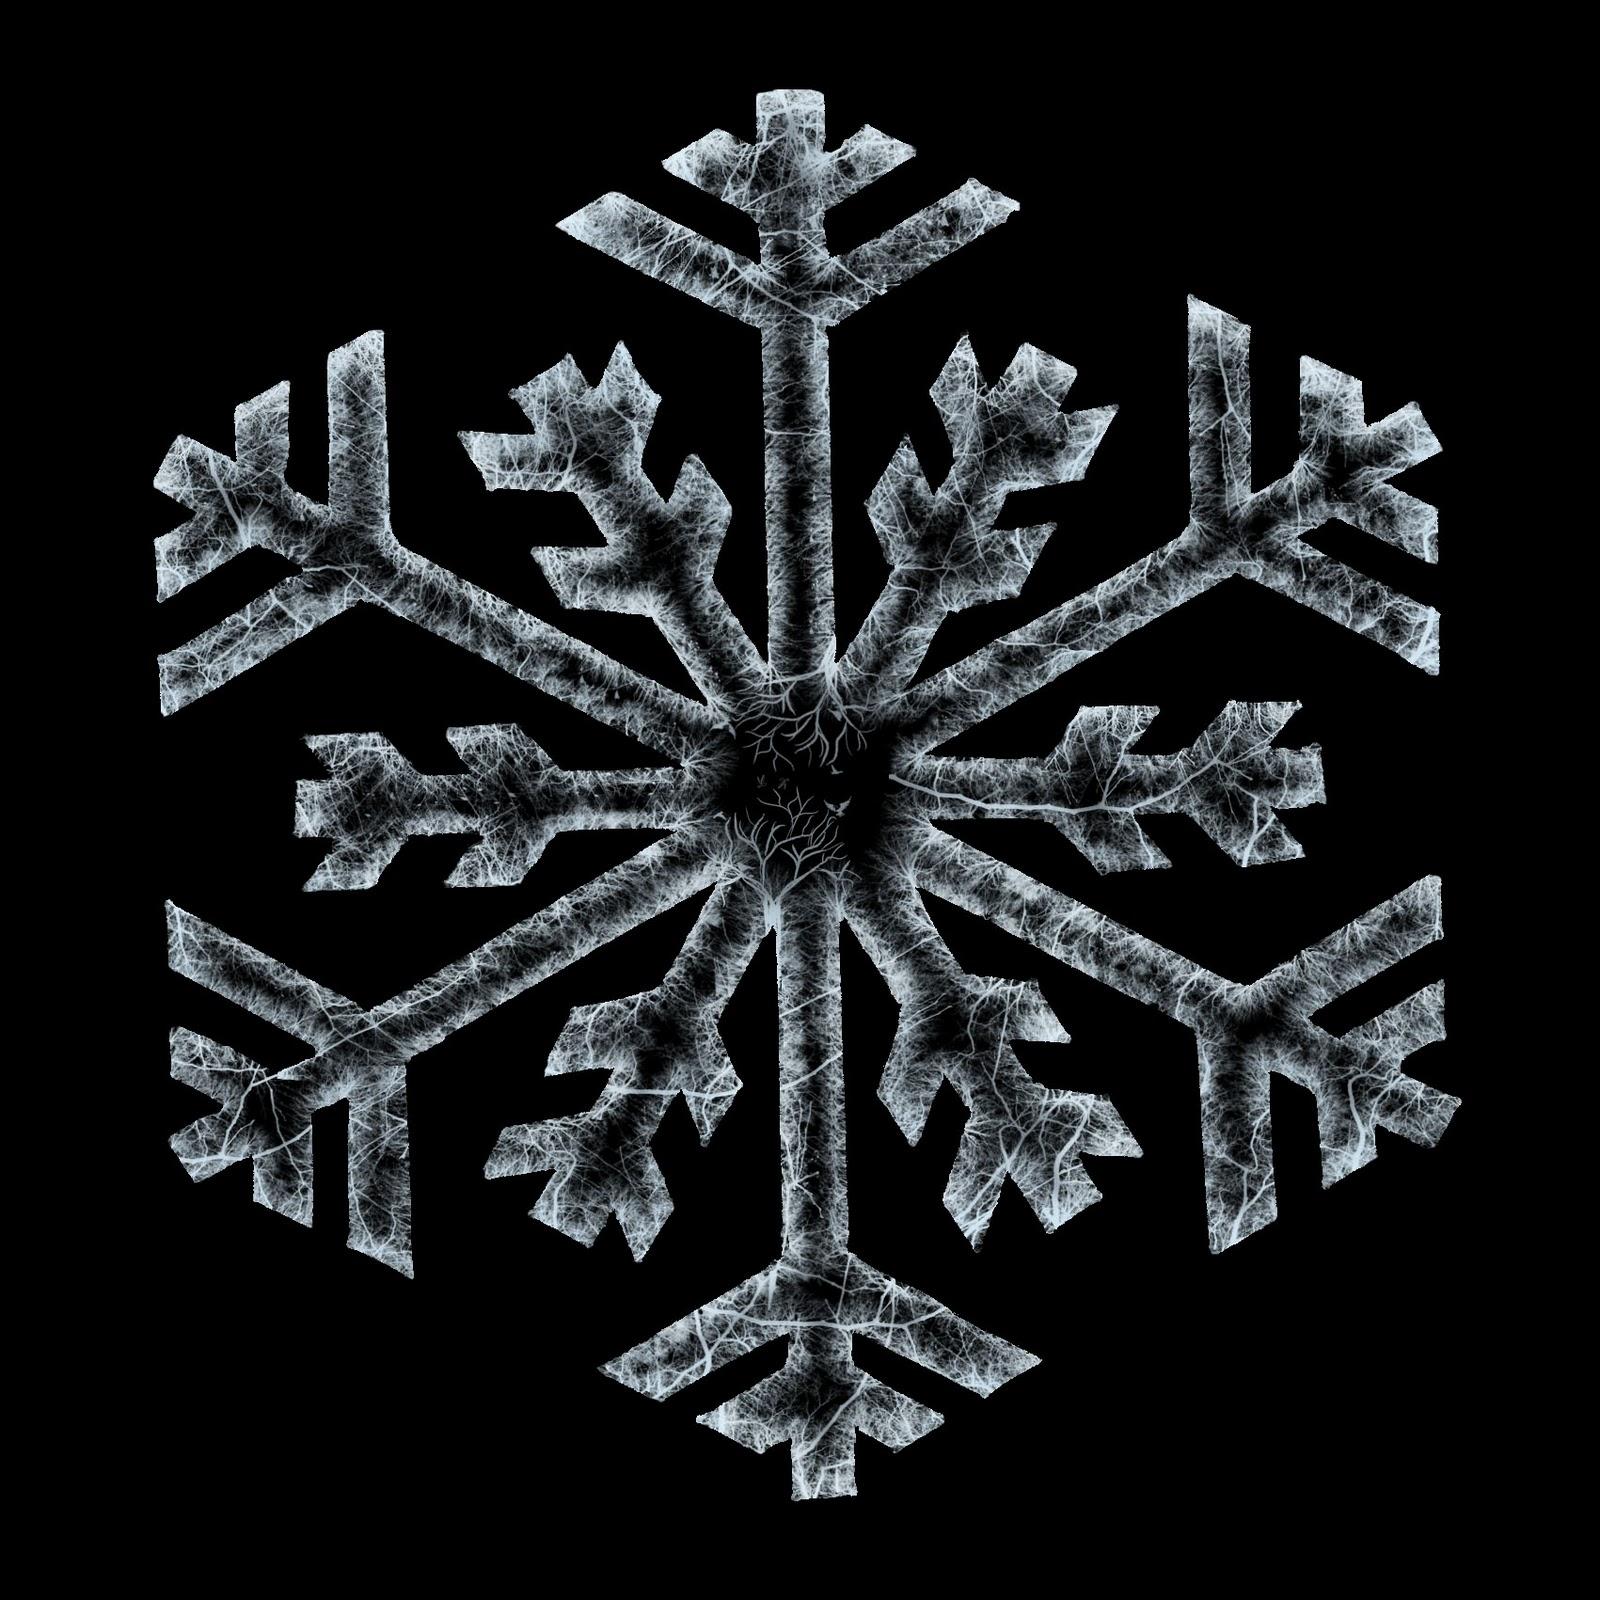 http://4.bp.blogspot.com/-wAlwlCF7Gas/Tvh43RZeZpI/AAAAAAAAAc8/Qi7F2kSXogg/s1600/sophie_egler_snowflake_ice.jpg